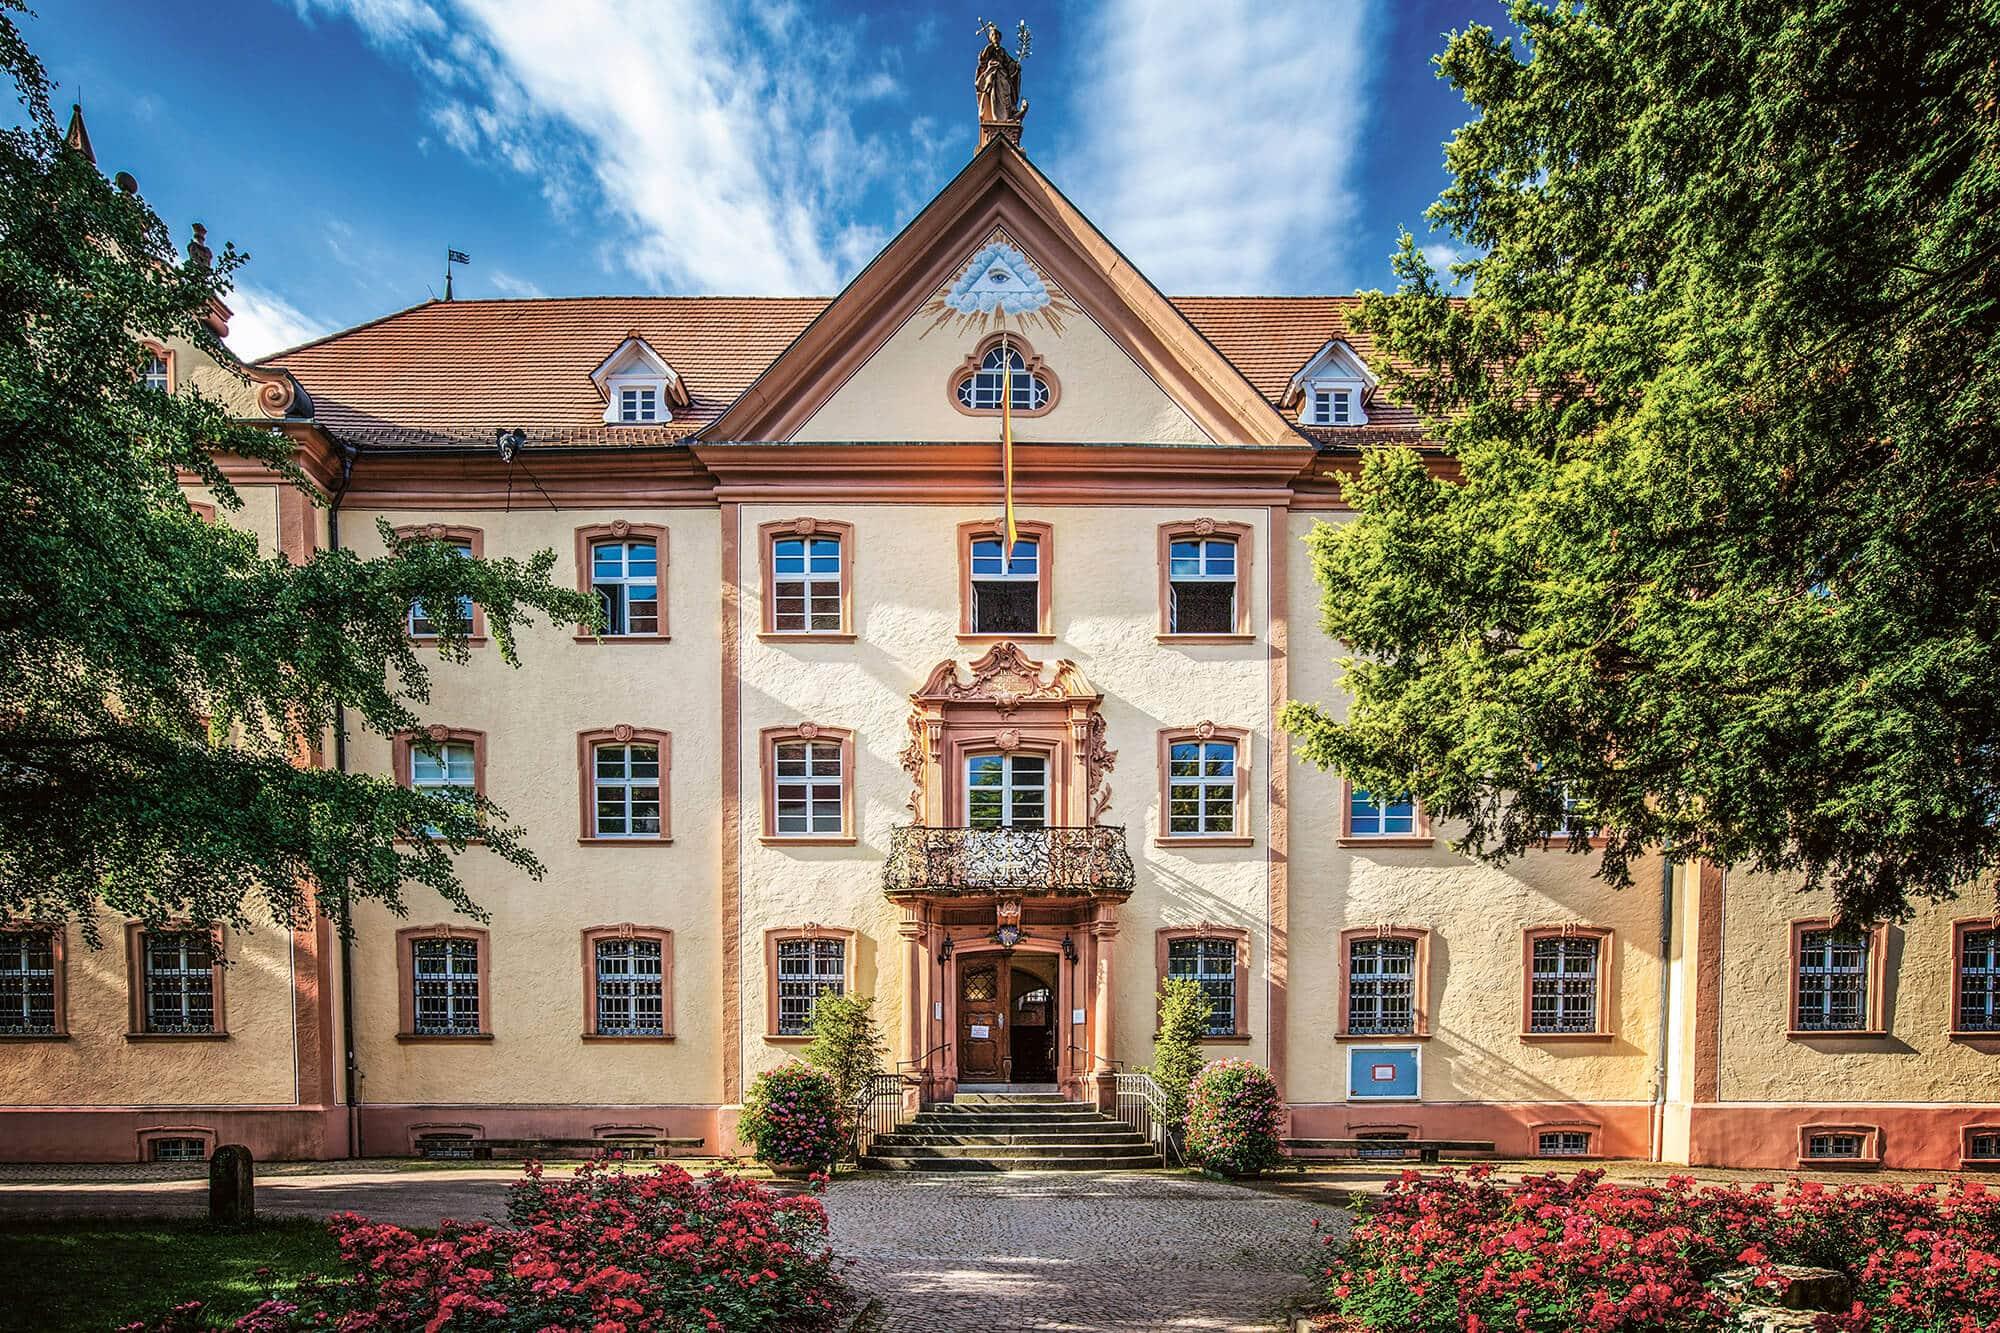 Hotel Gasthaus Loewen Buchholz Zweitaelerlandtourismus Clemens Emmler Elztalmuseum